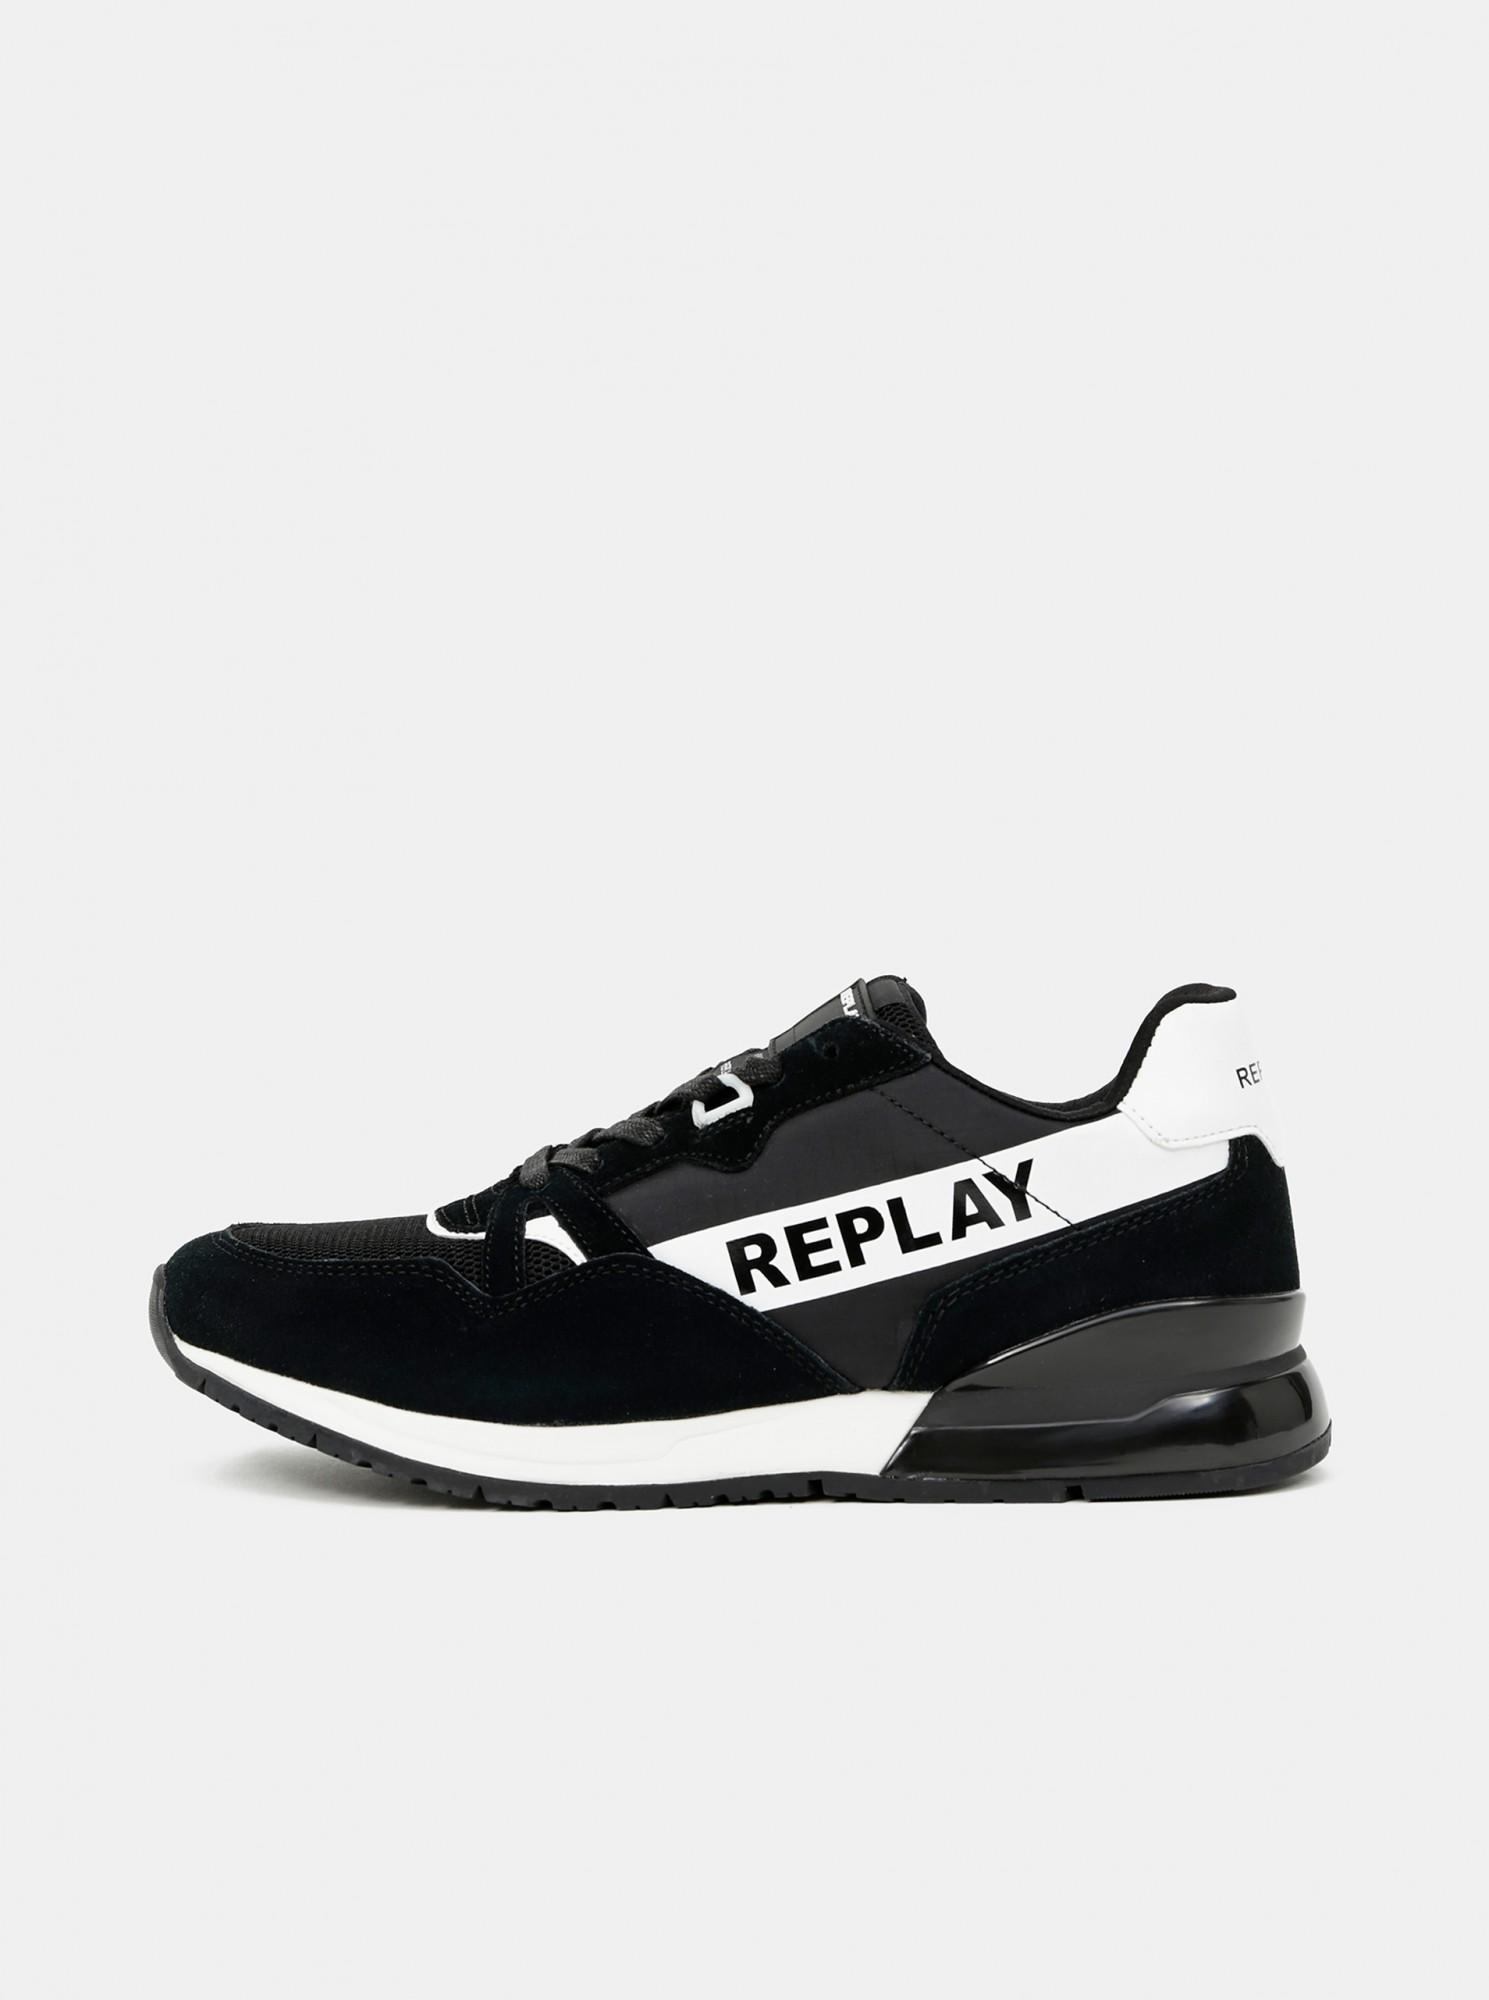 Replay čierne pánske tenisky so semišovými detailmi - 41